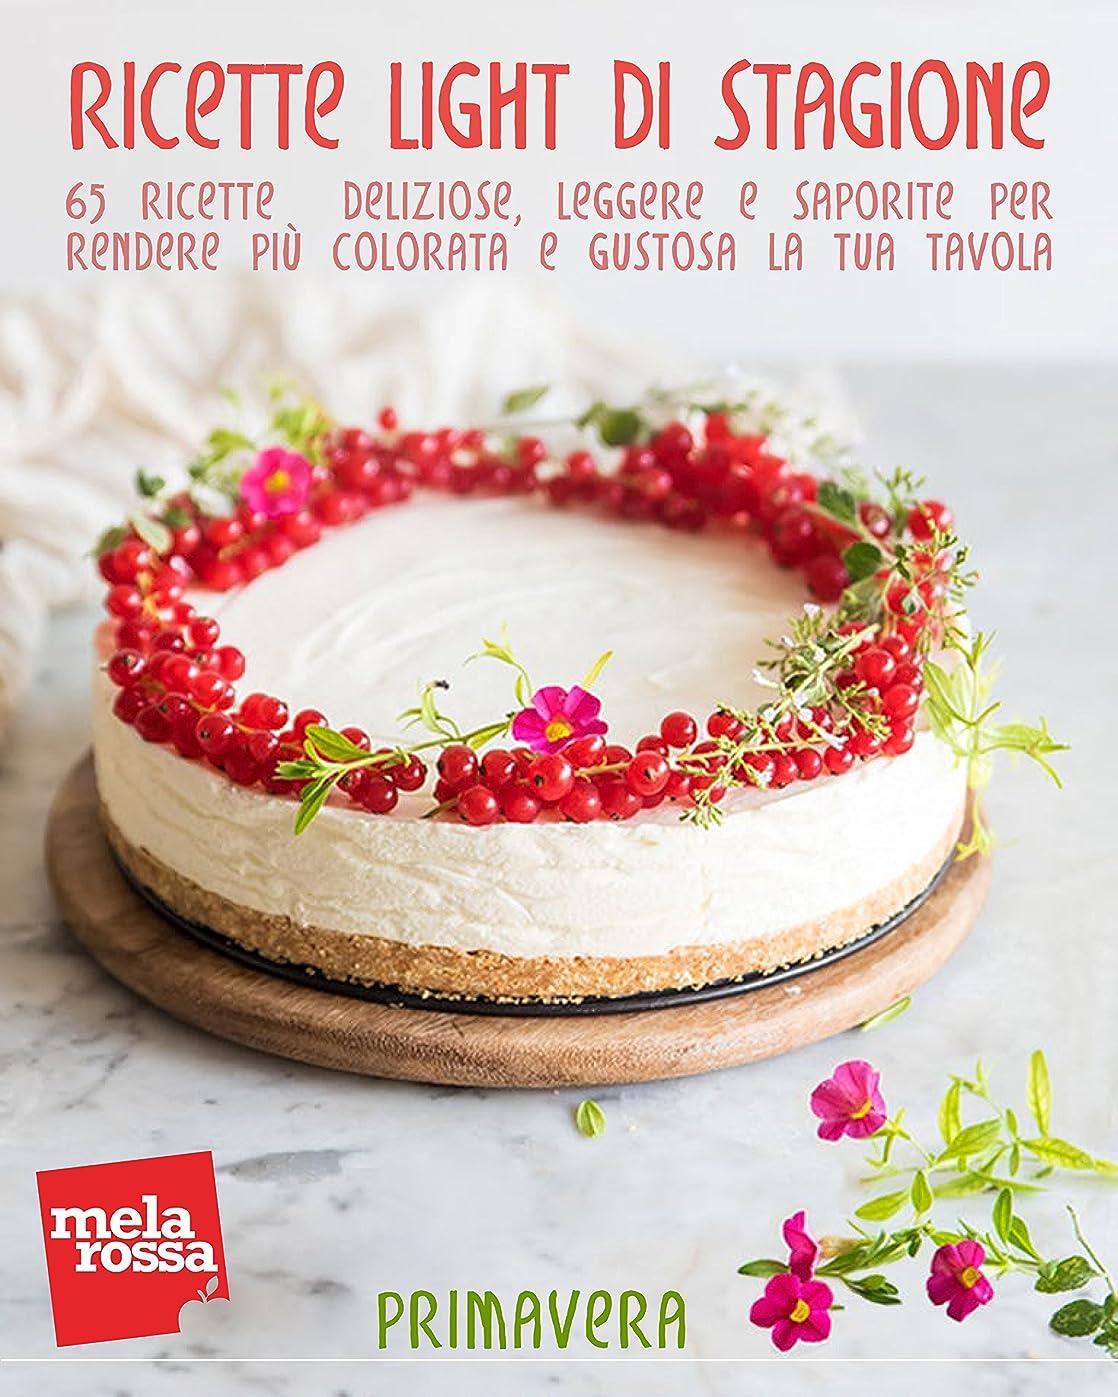 Ricette light di stagione - Primavera: 65 ricette deliziose, leggere e saporite per rendere più colorata e gustosa la tua tavola (Italian Edition)